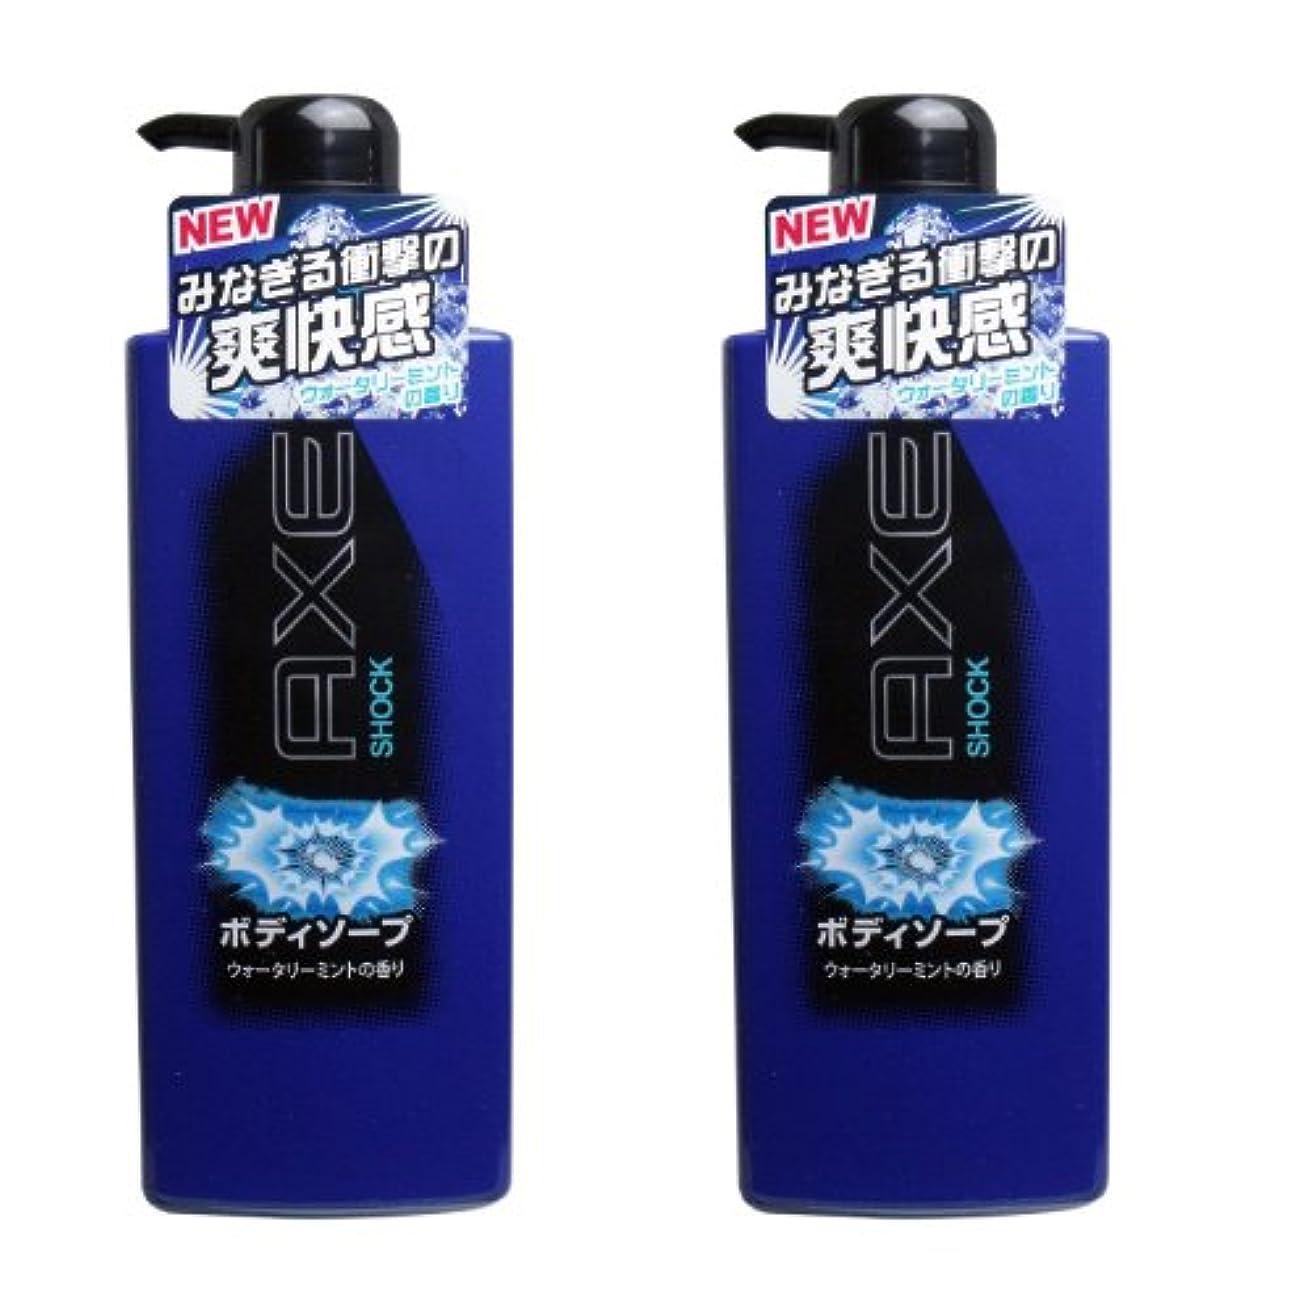 抜粋不確実アナウンサーAXE(アックス) ボディソープの2点セット (ショック ウォータリーミントの香り)